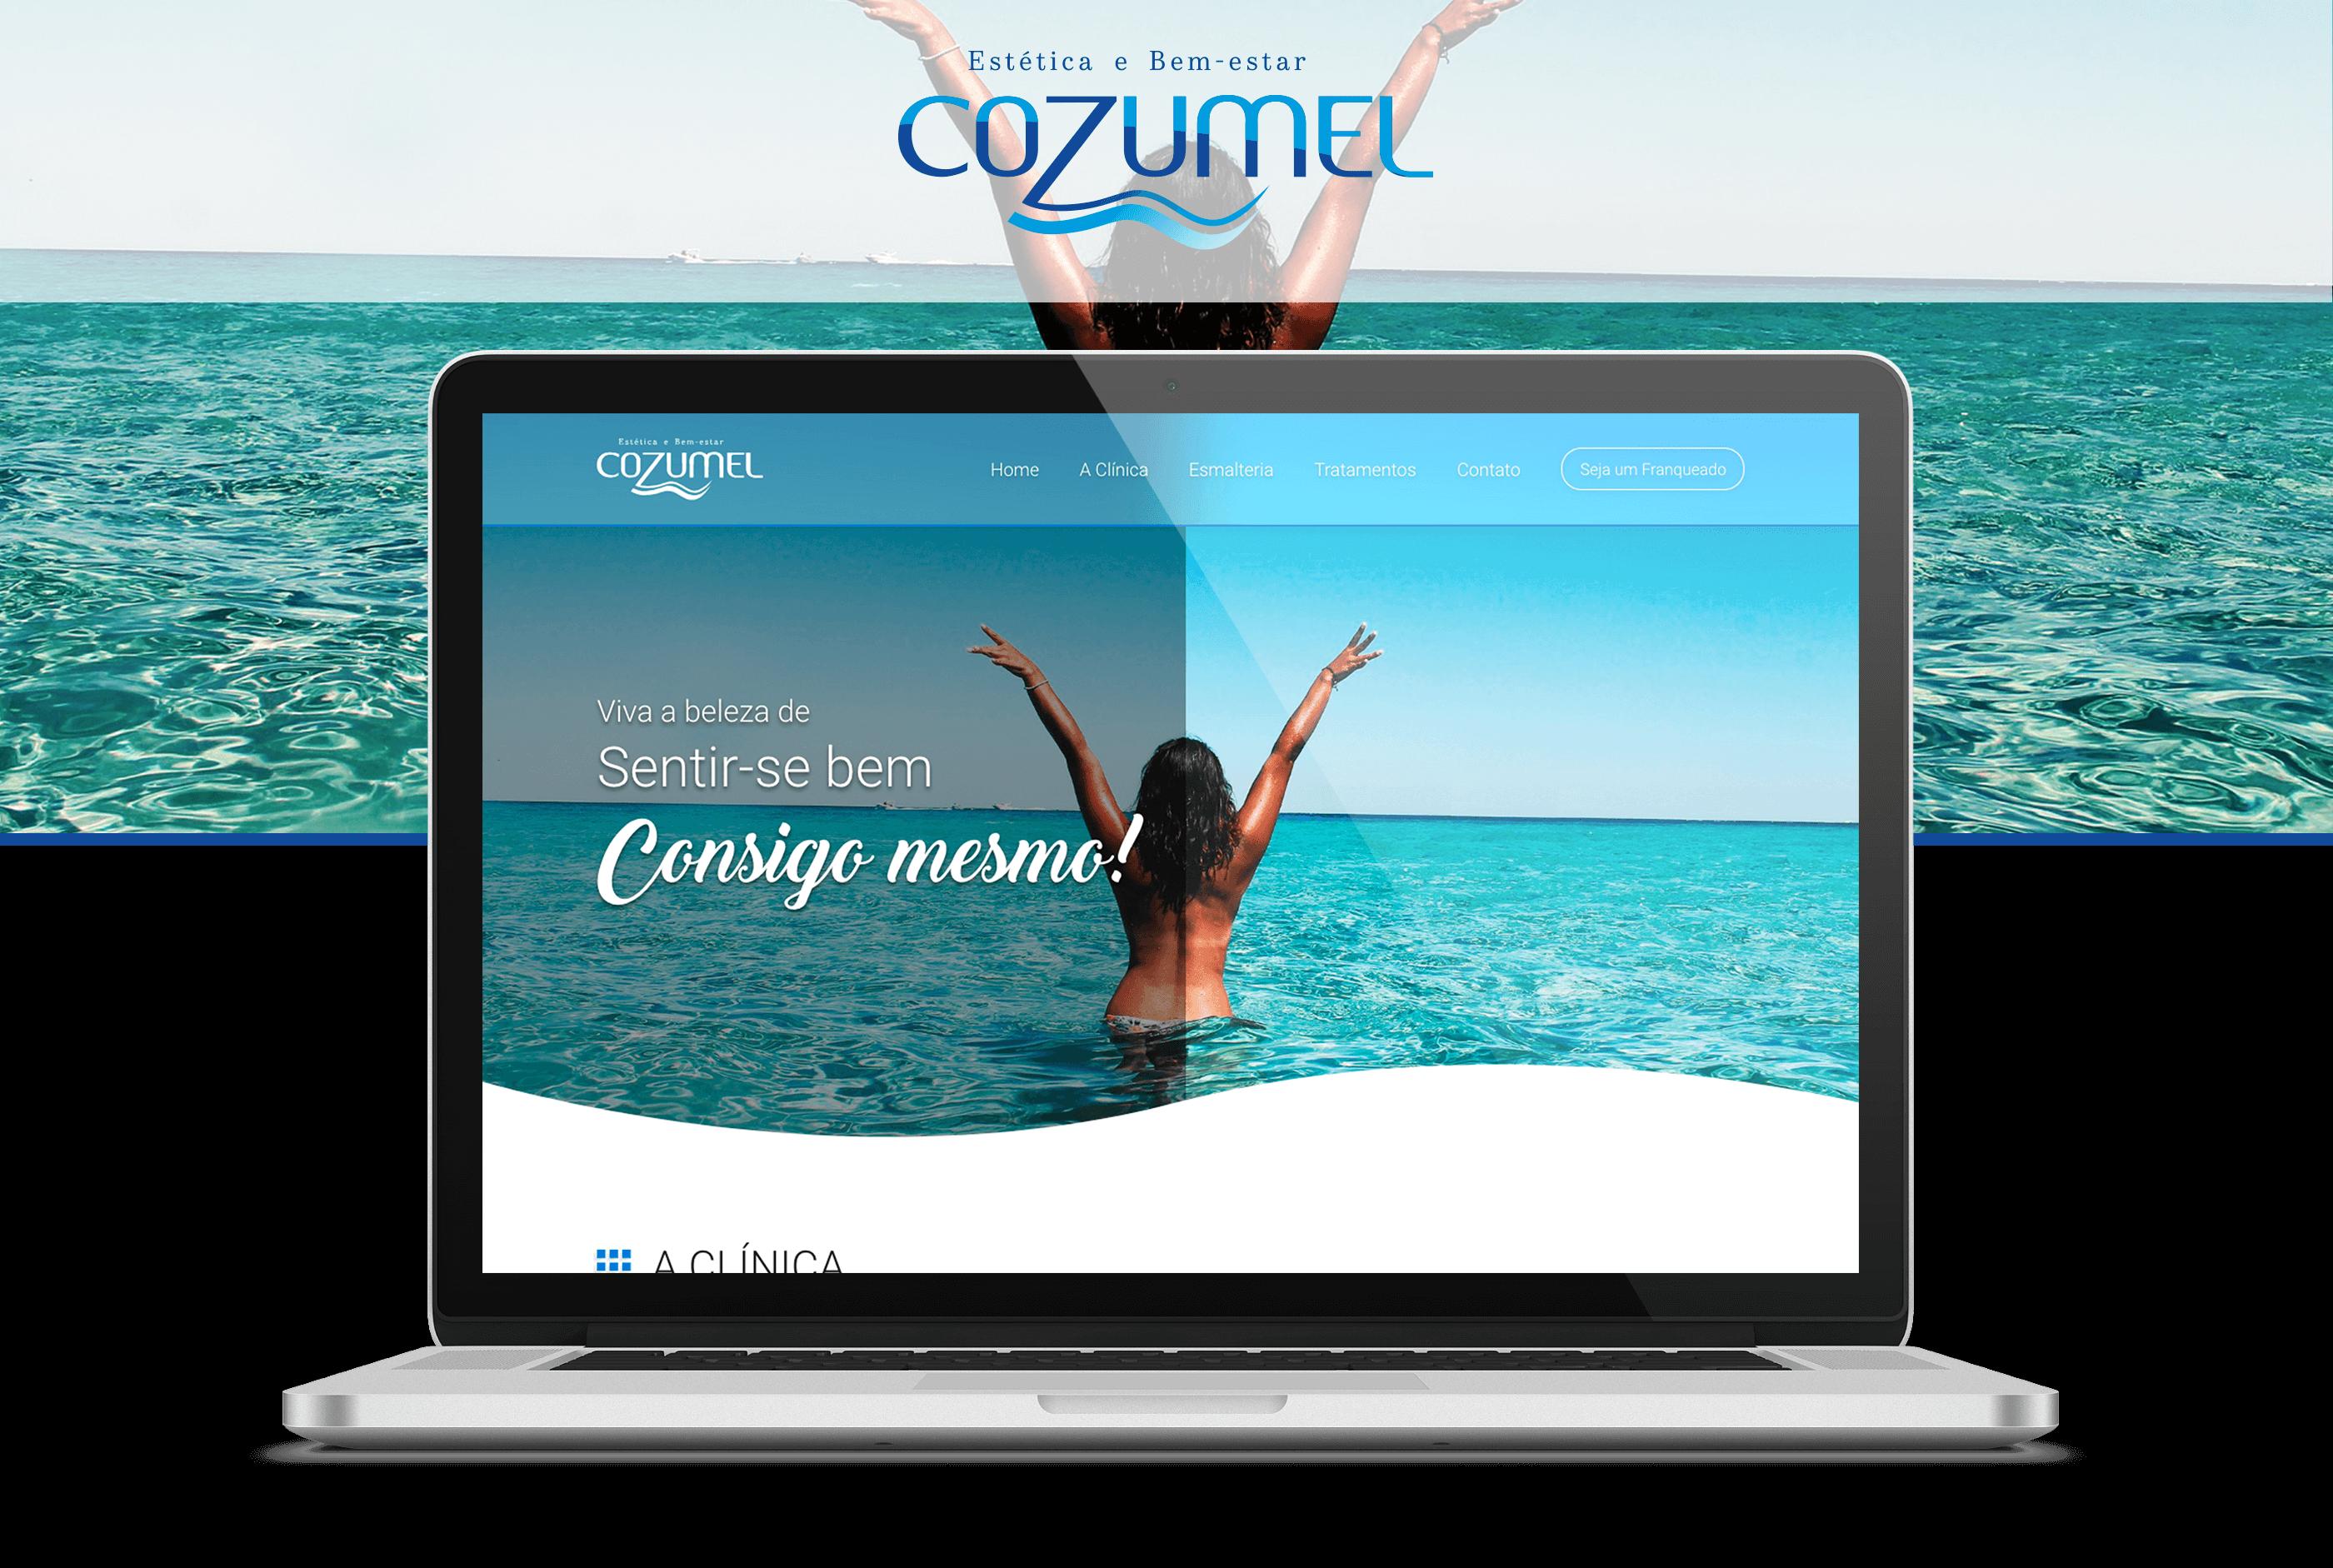 Projeto Cozumel - Goognet Solução Digital